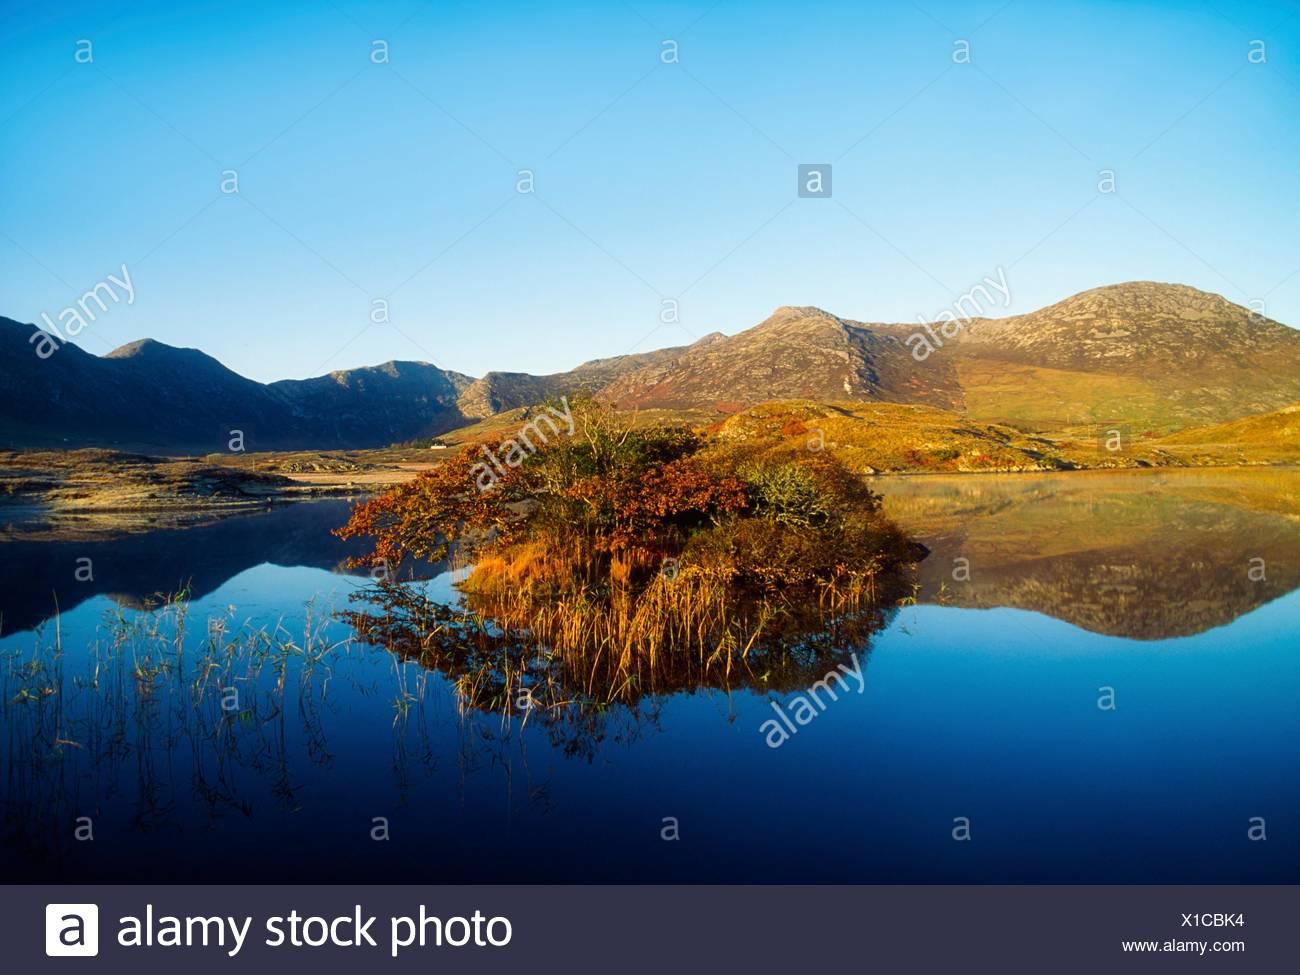 Connemara, Co Galway, Twelve Bens, Ireland - Stock Image